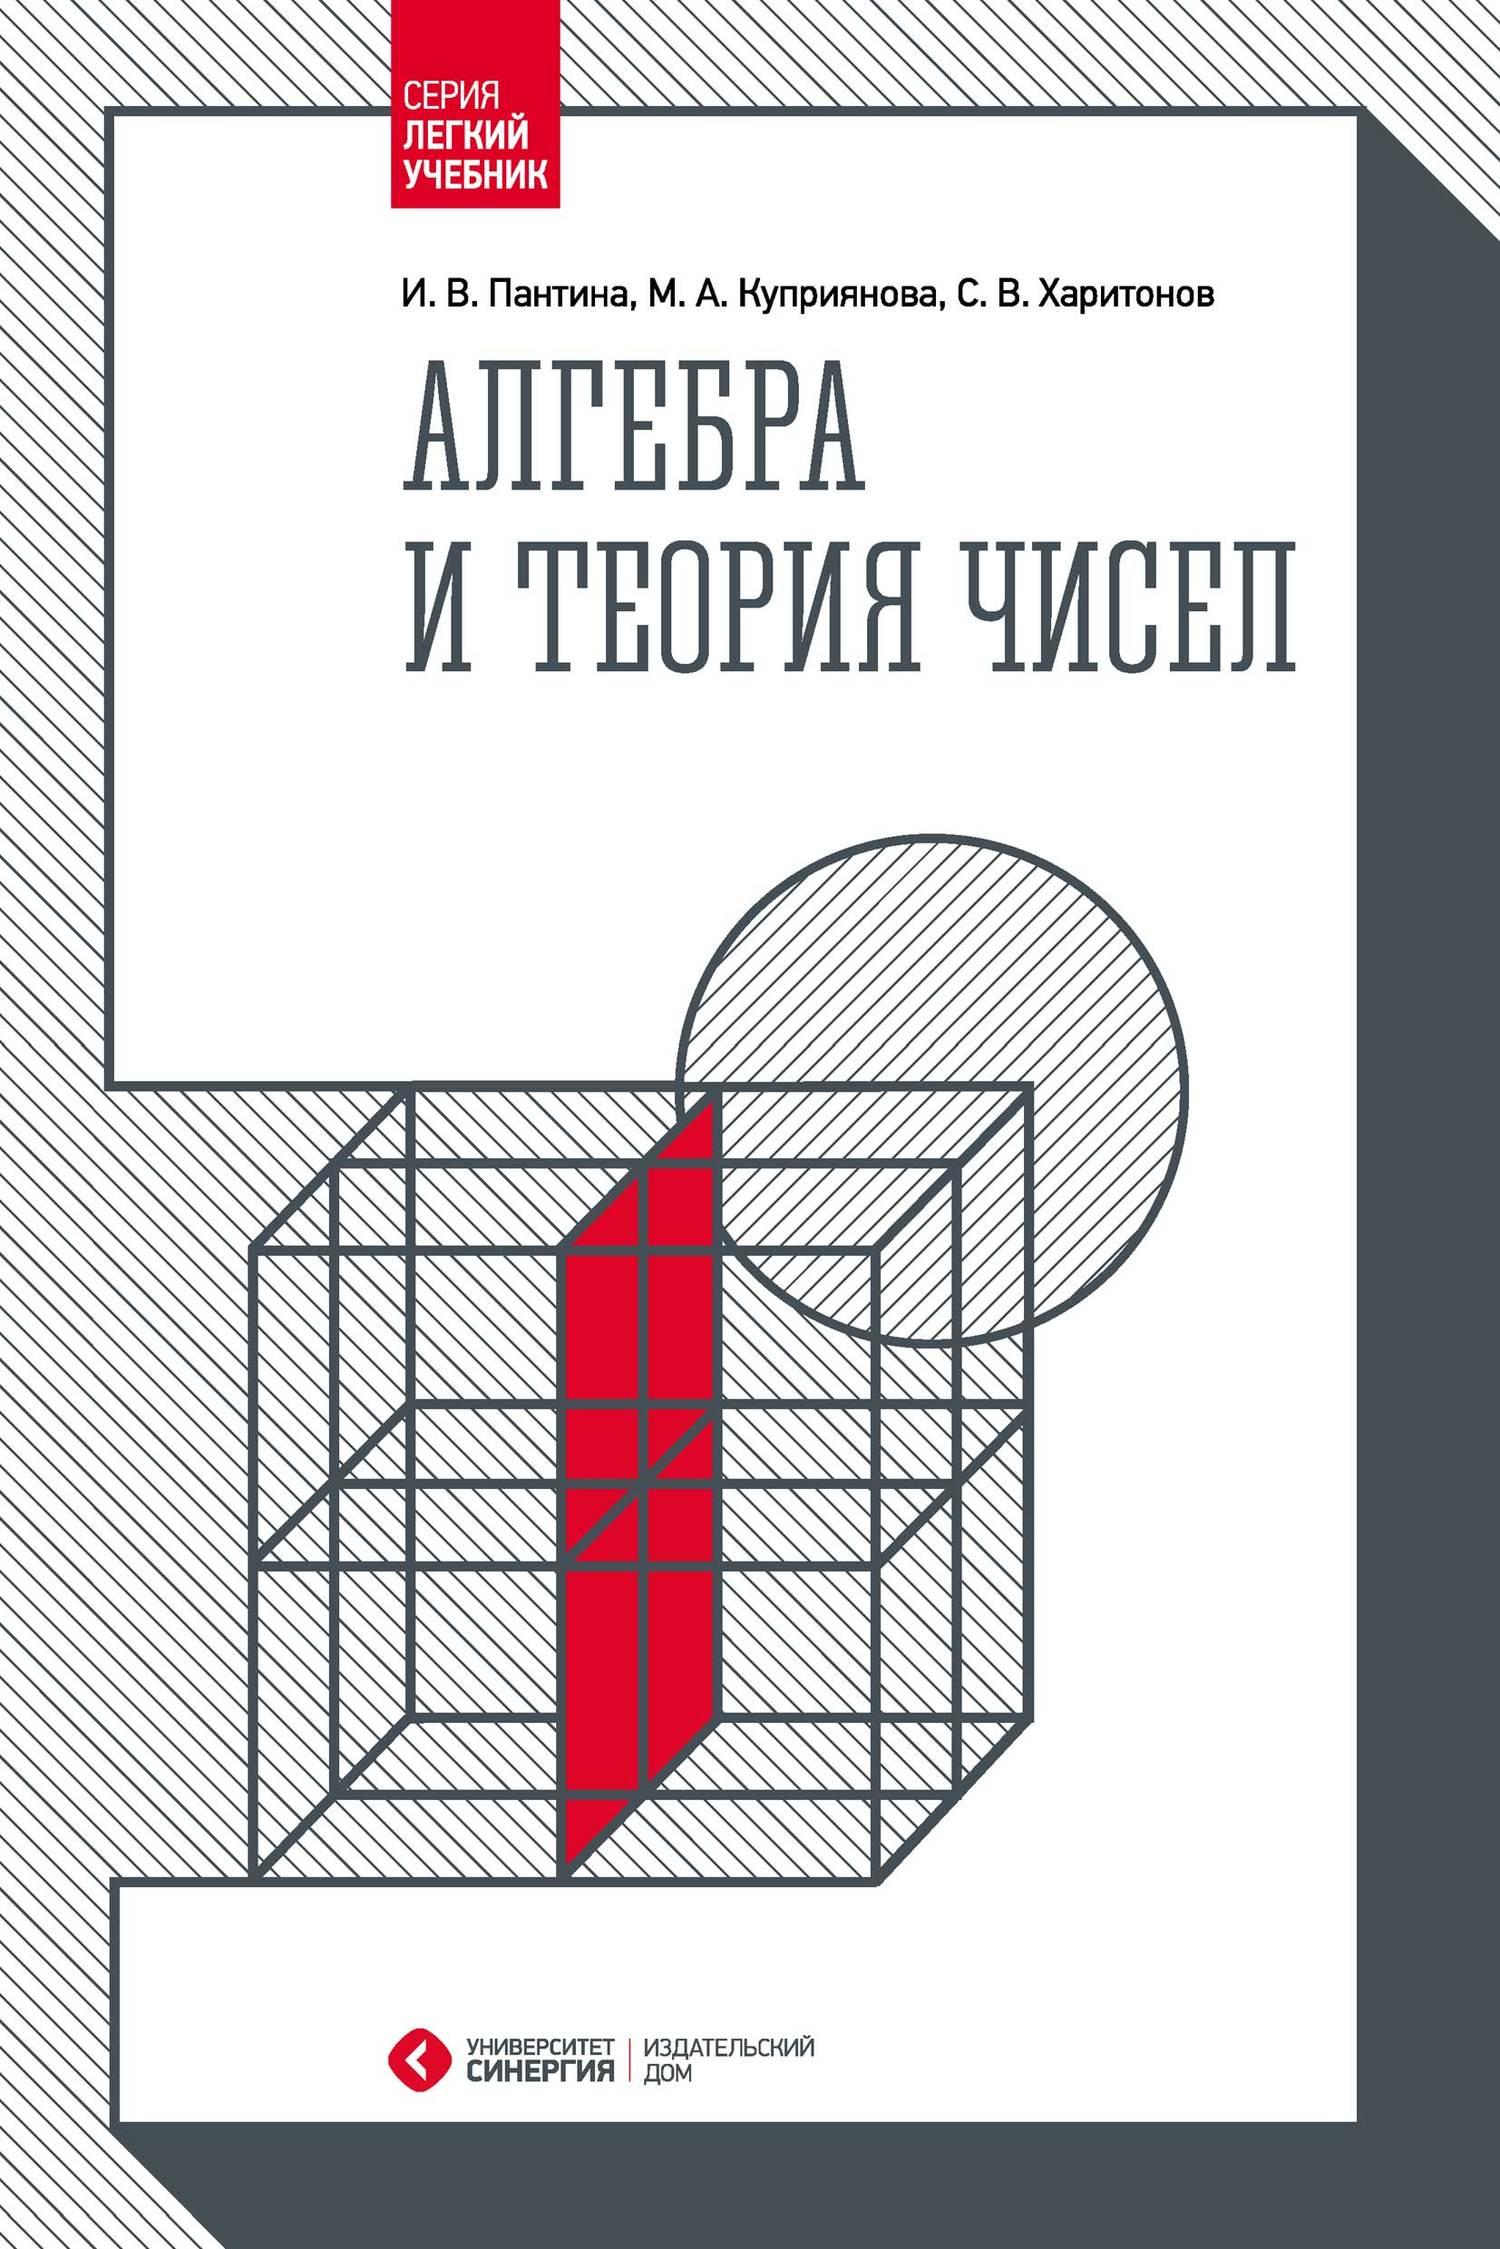 С. В. Харитонов Алгебра и теория чисел б м веретенников алгебра и теория чисел часть 1